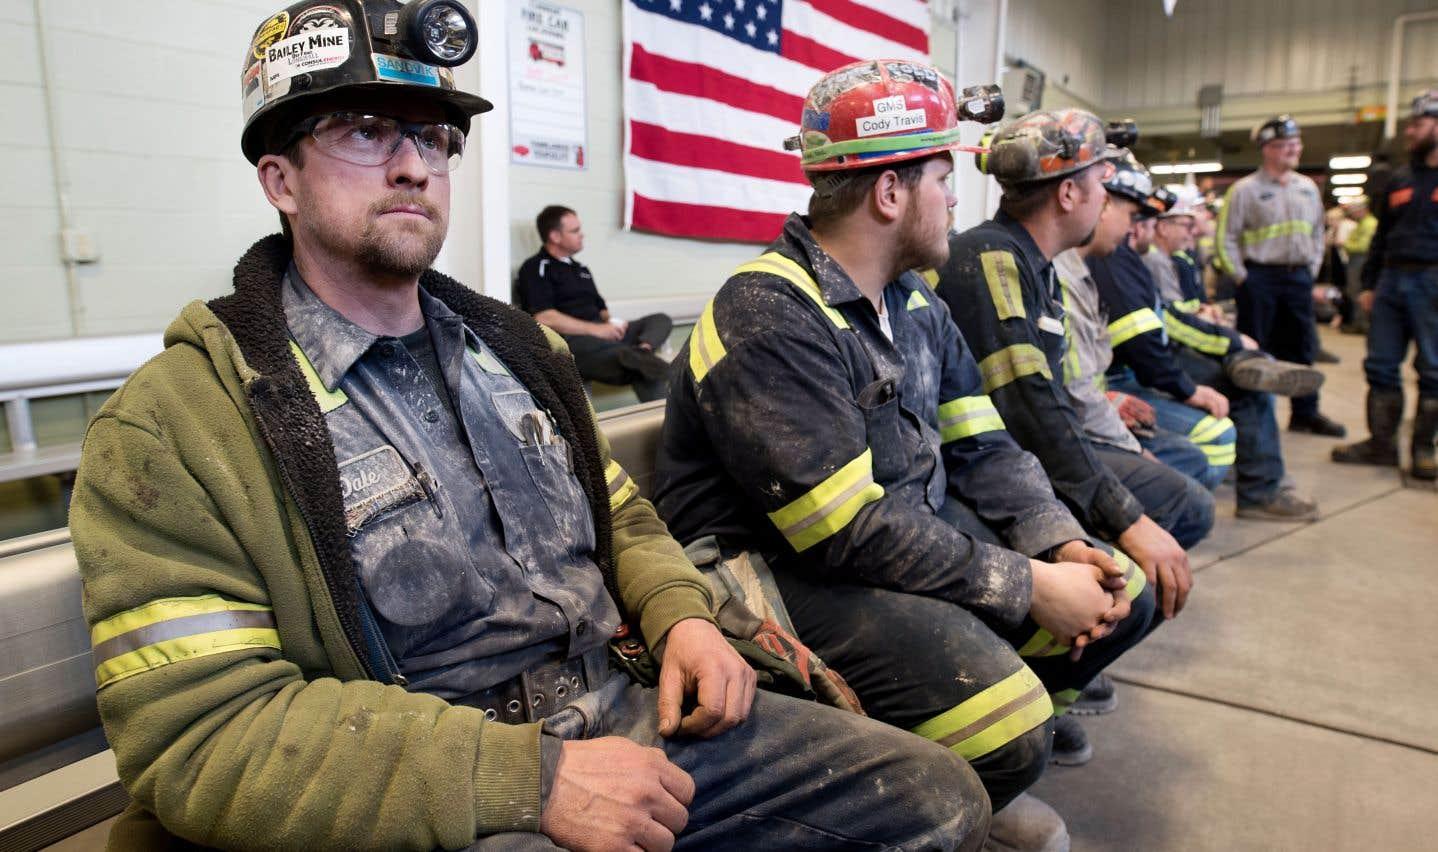 Un an après l'élection de Trump, les travailleurs de Pennsylvanie sont partagés